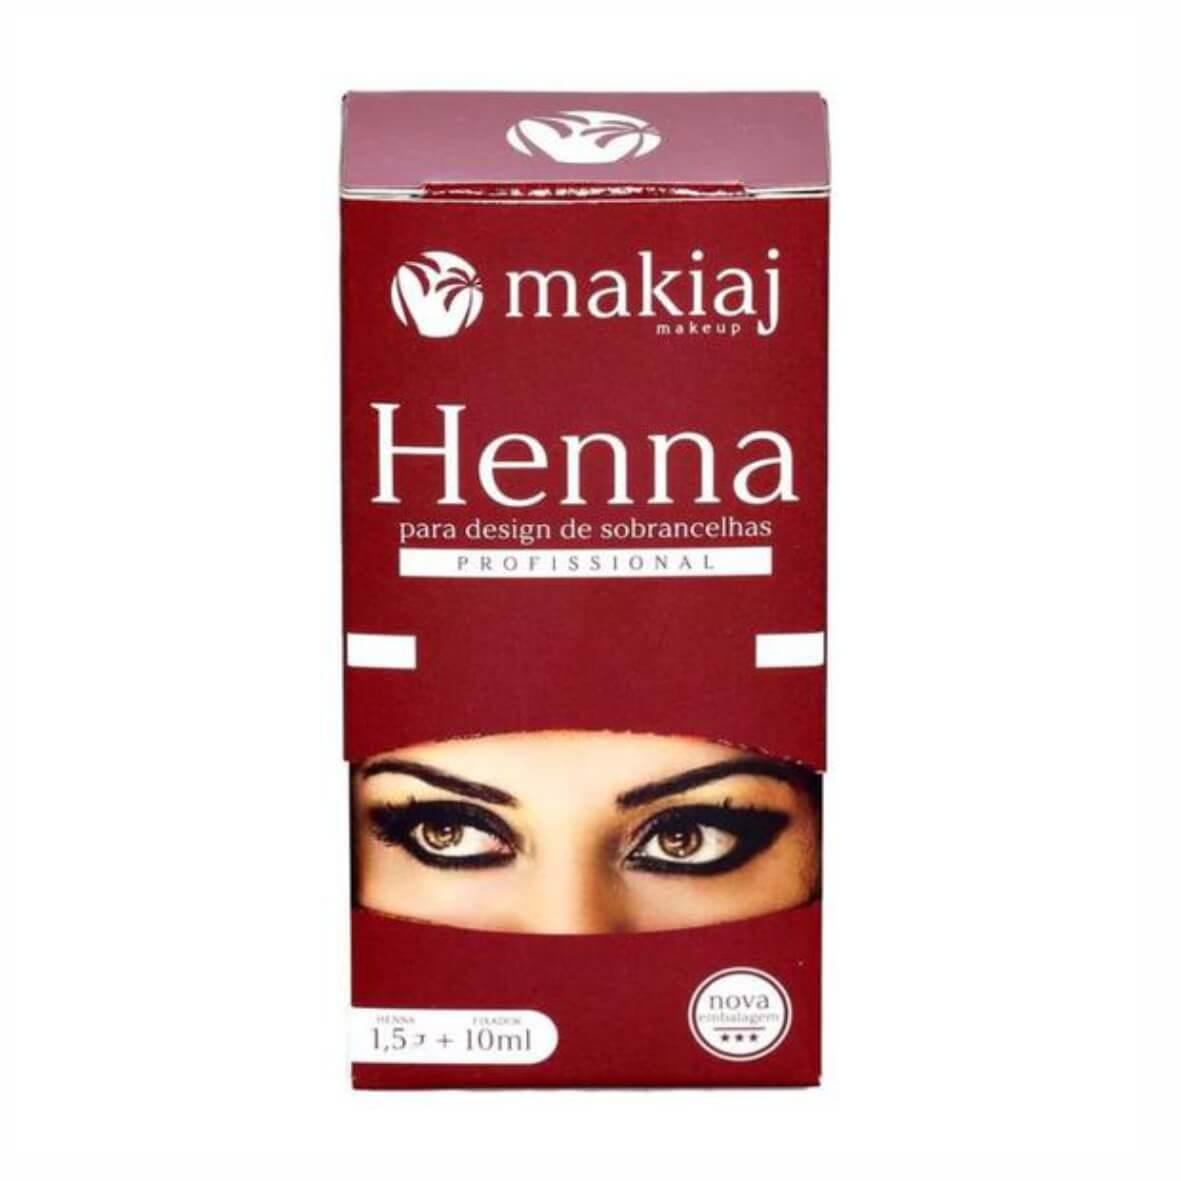 Henna para Design de Sobrancelhas + Fixador Makiaj Castanho Escuro